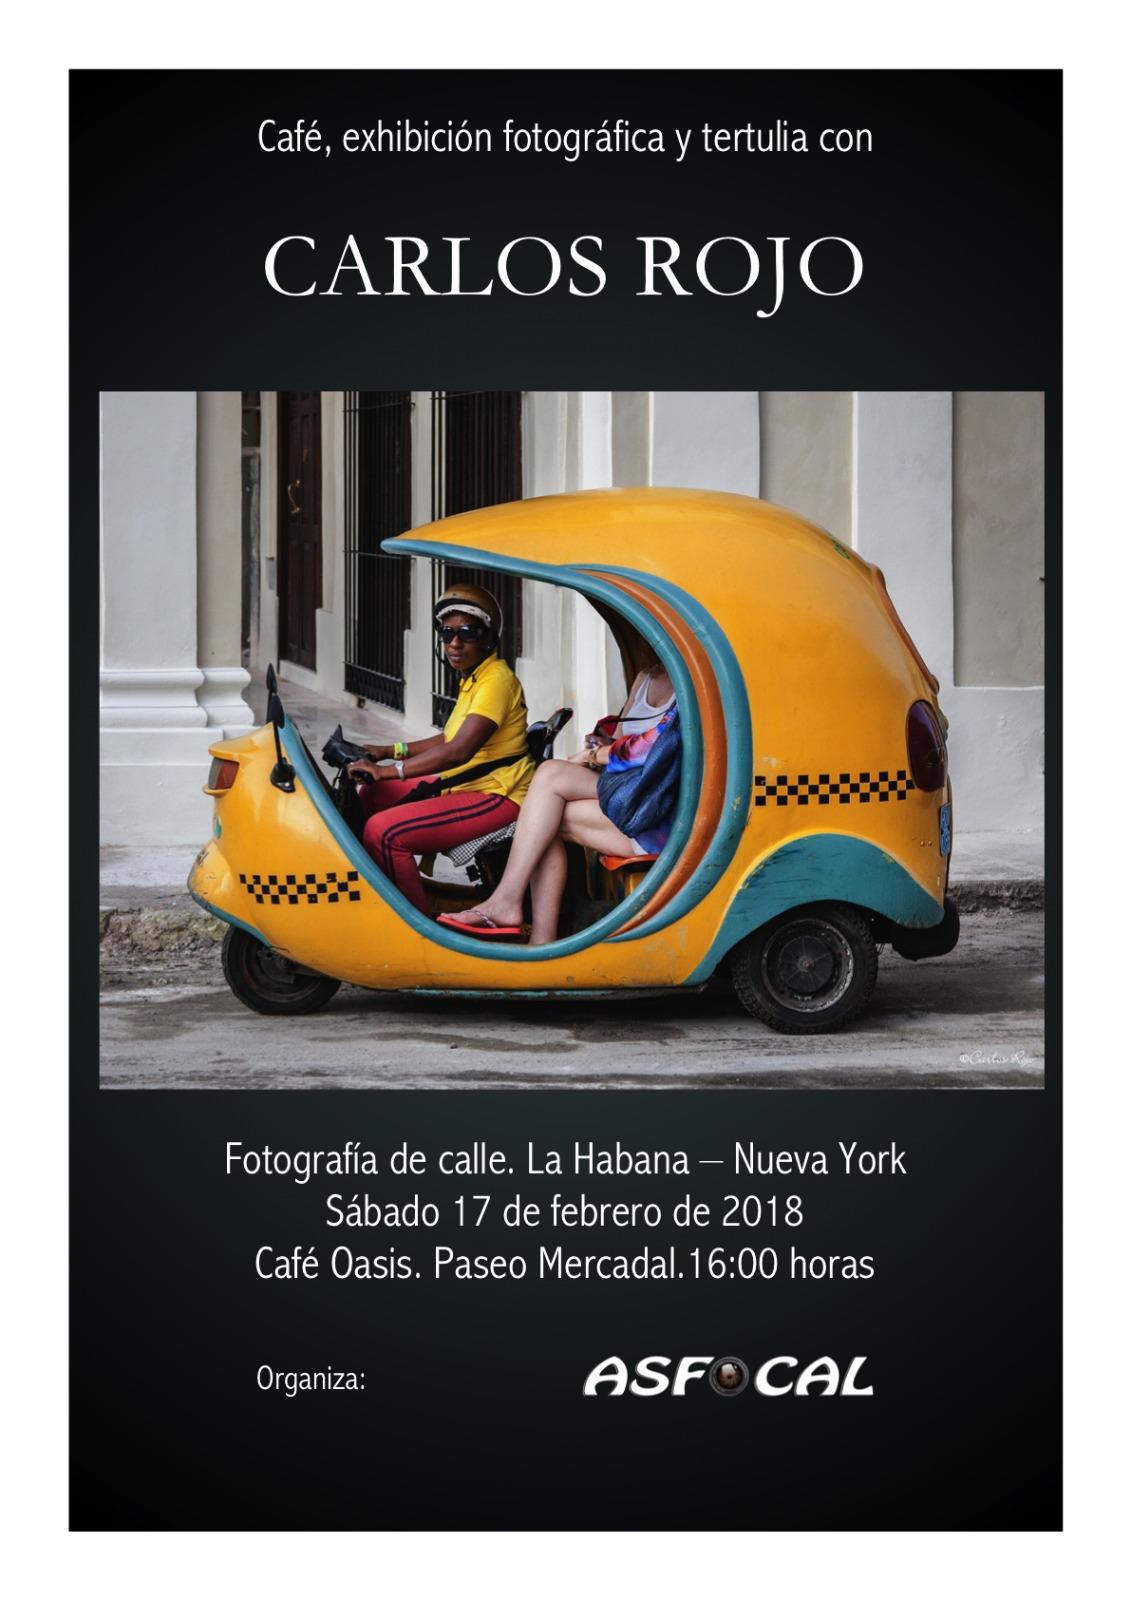 Cafe, exposición fotográfica y tertulia con Carlos Rojo